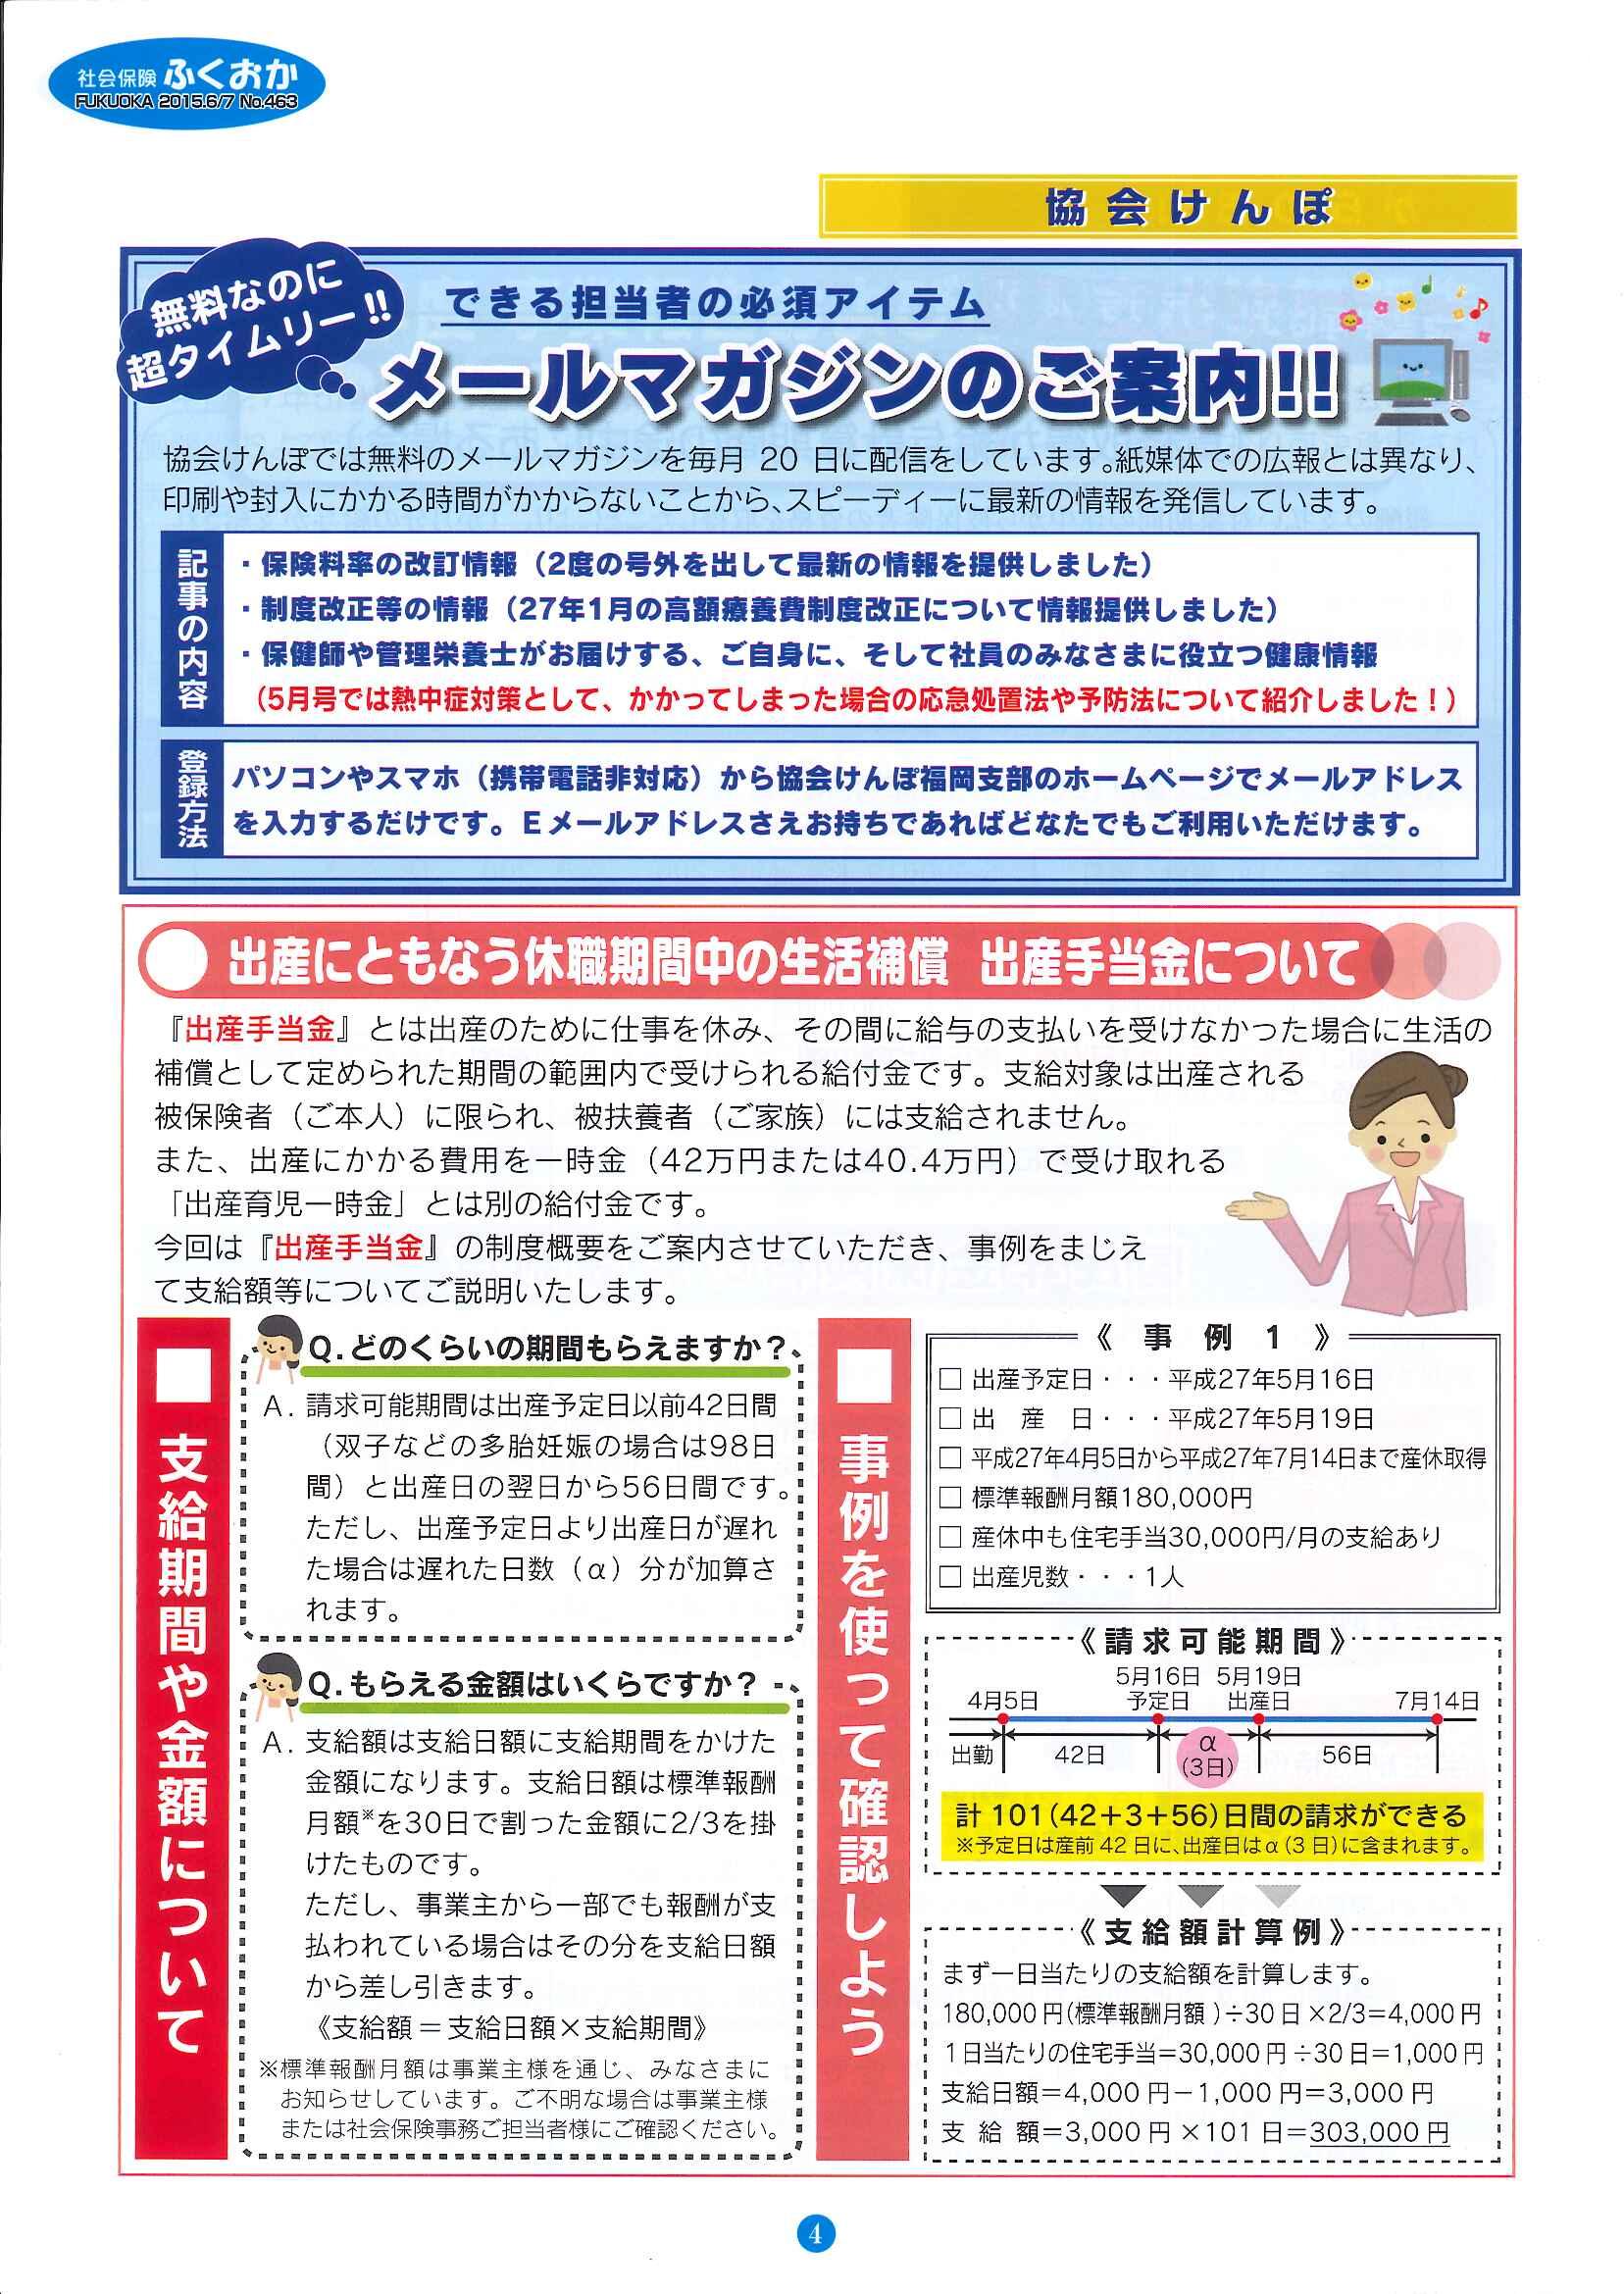 社会保険 ふくおか 2015年6・7月号_f0120774_158140.jpg